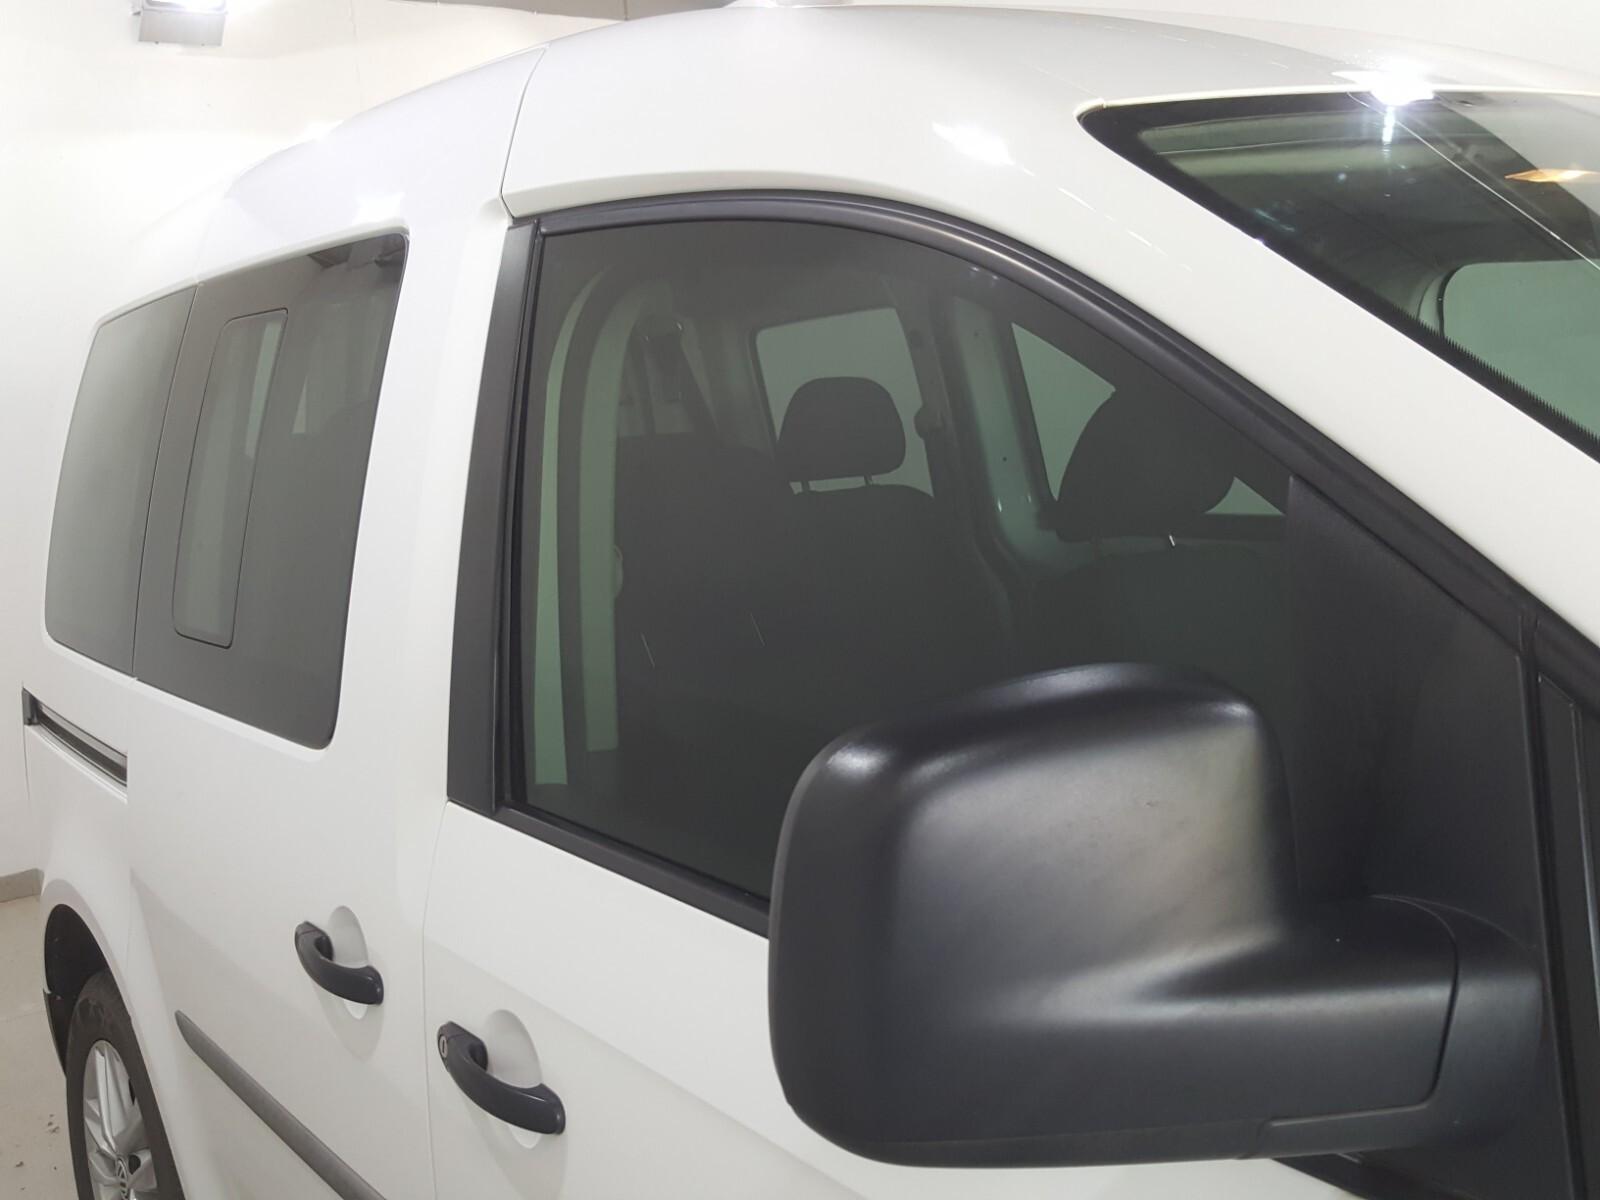 VOLKSWAGEN CREWBUS 1.6i  (7 SEAT) Roodepoort 3330266